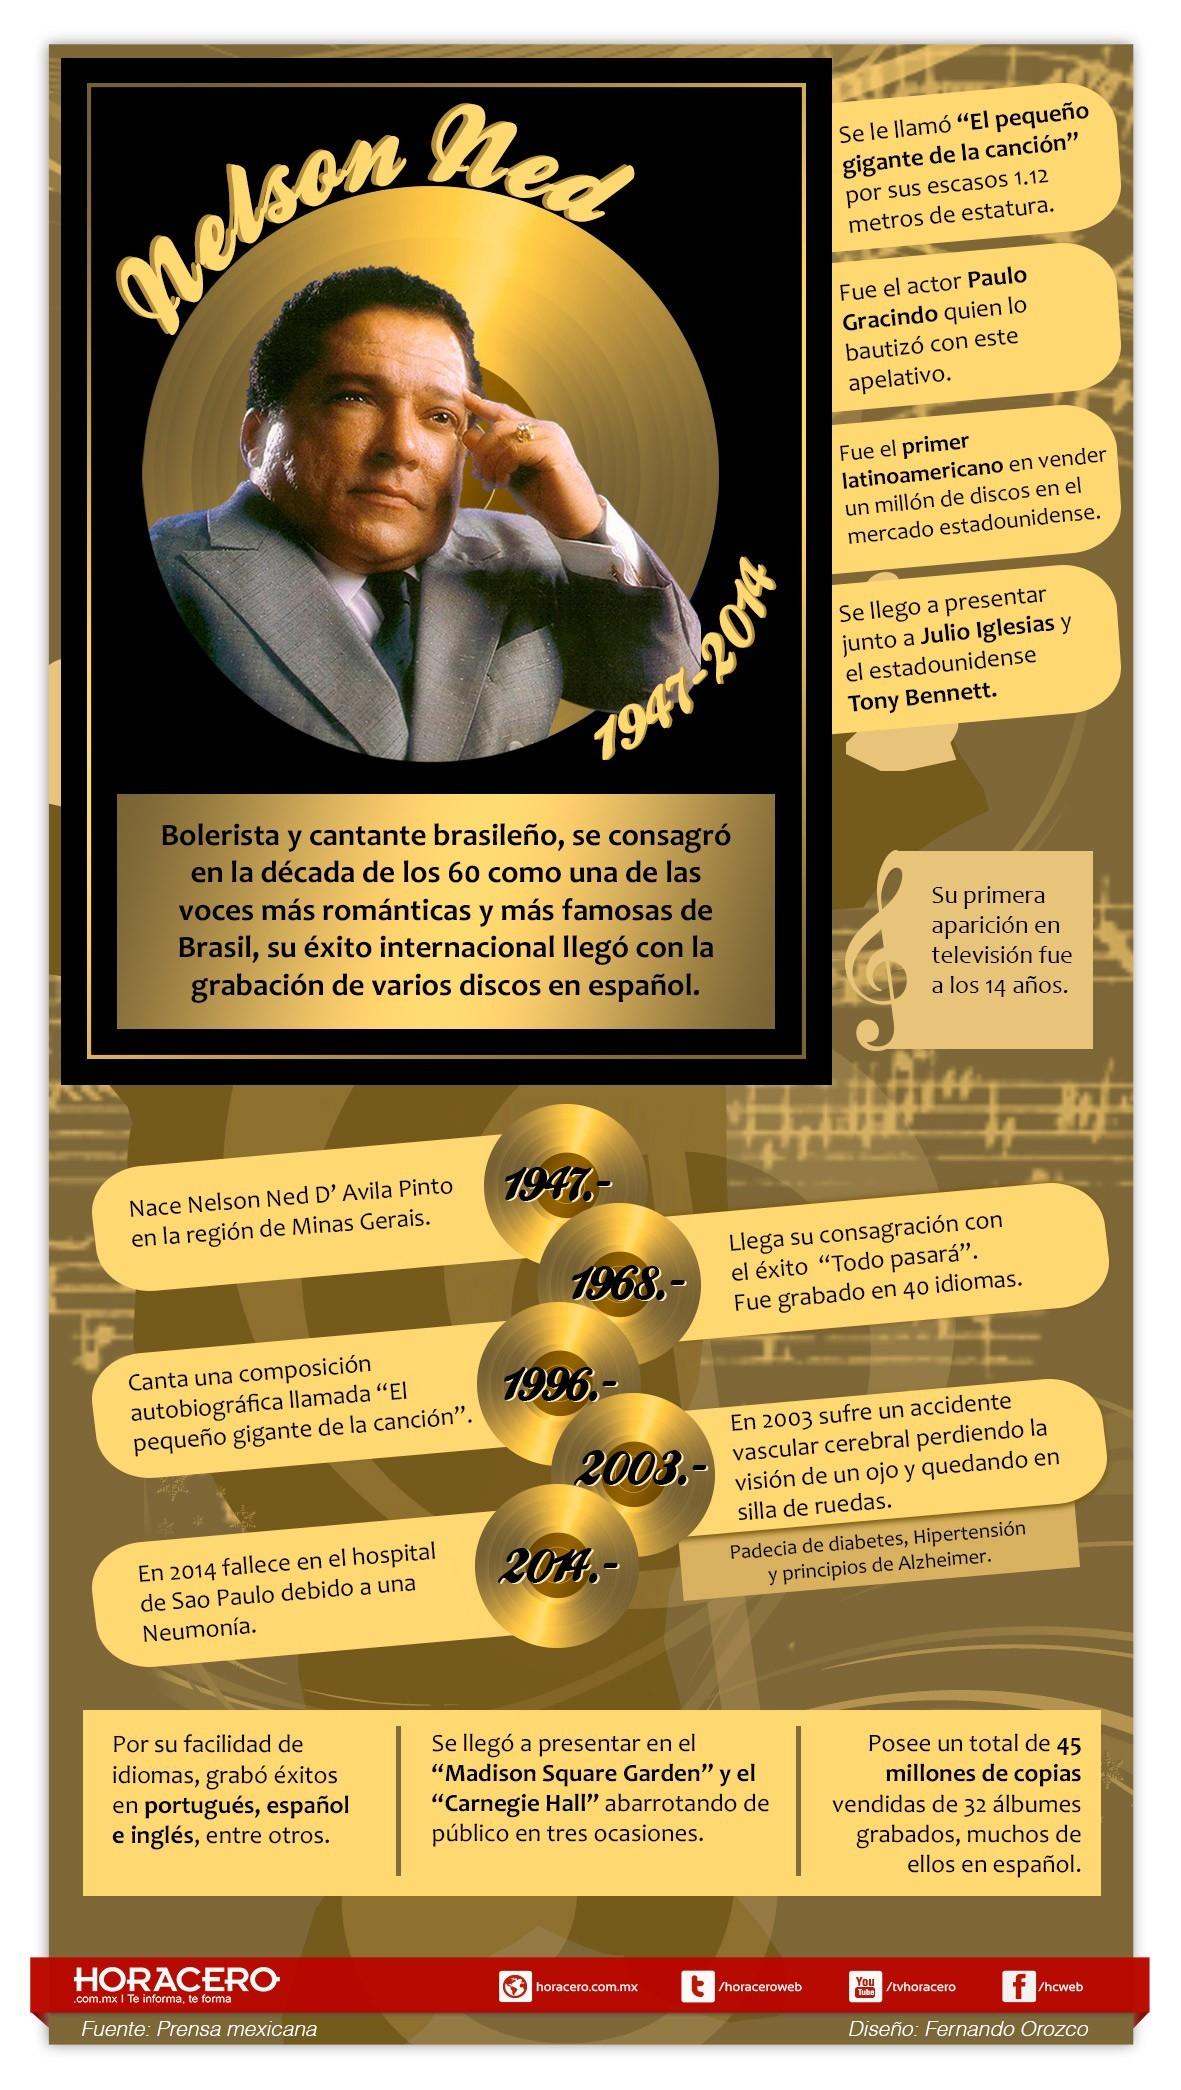 Nelson Ned D'Ávila Pinto